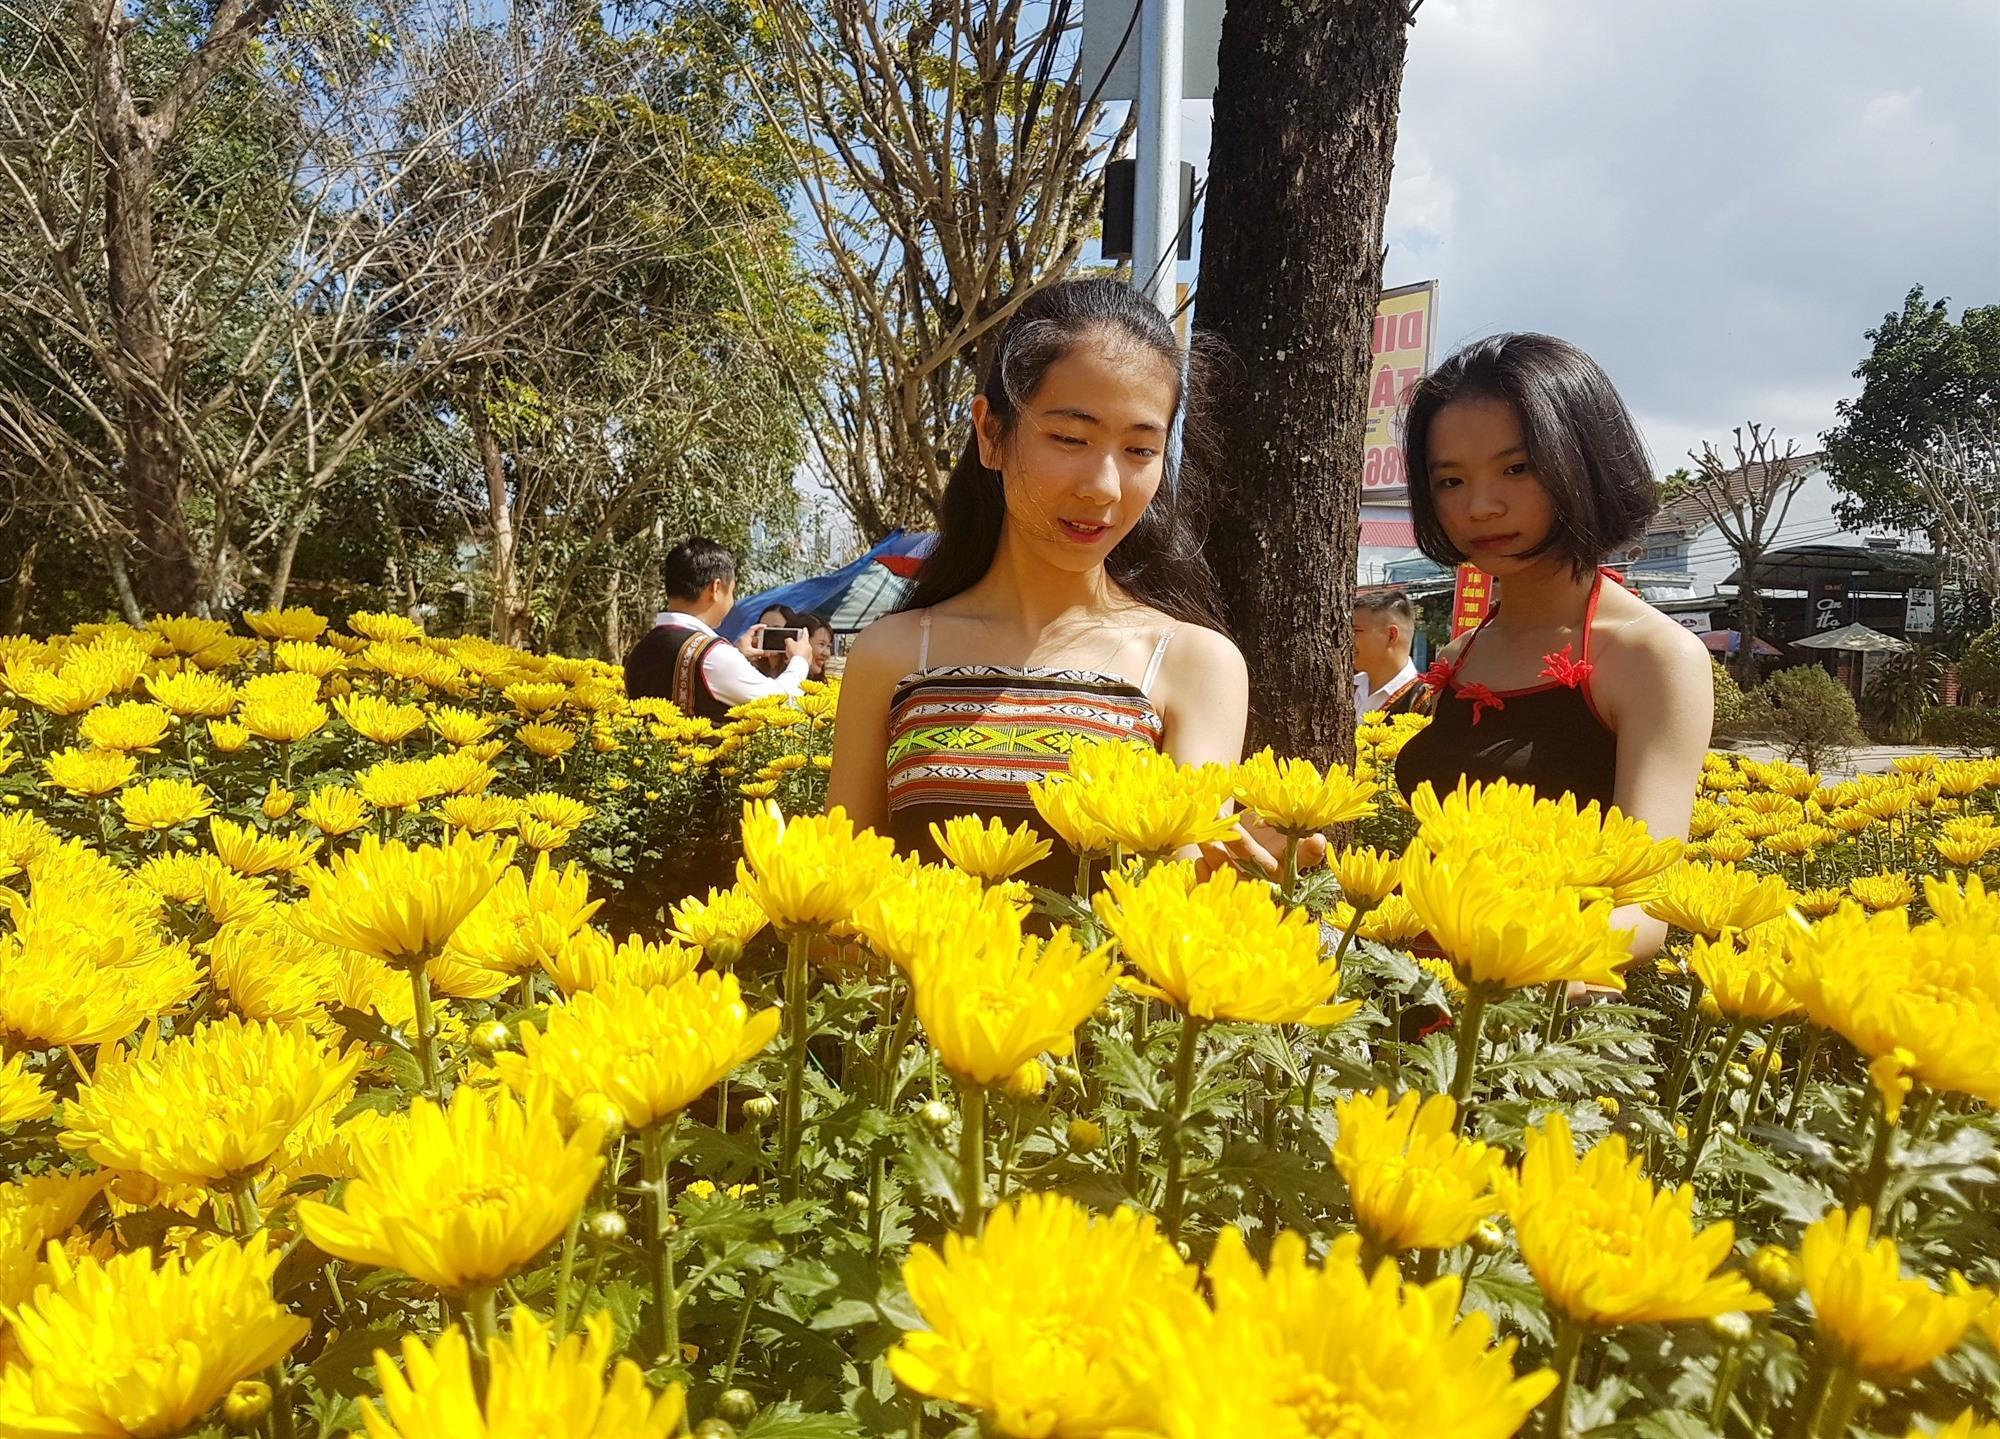 Thiếu nữ khoe sắc cùng hoa xuân. Ảnh: D.L